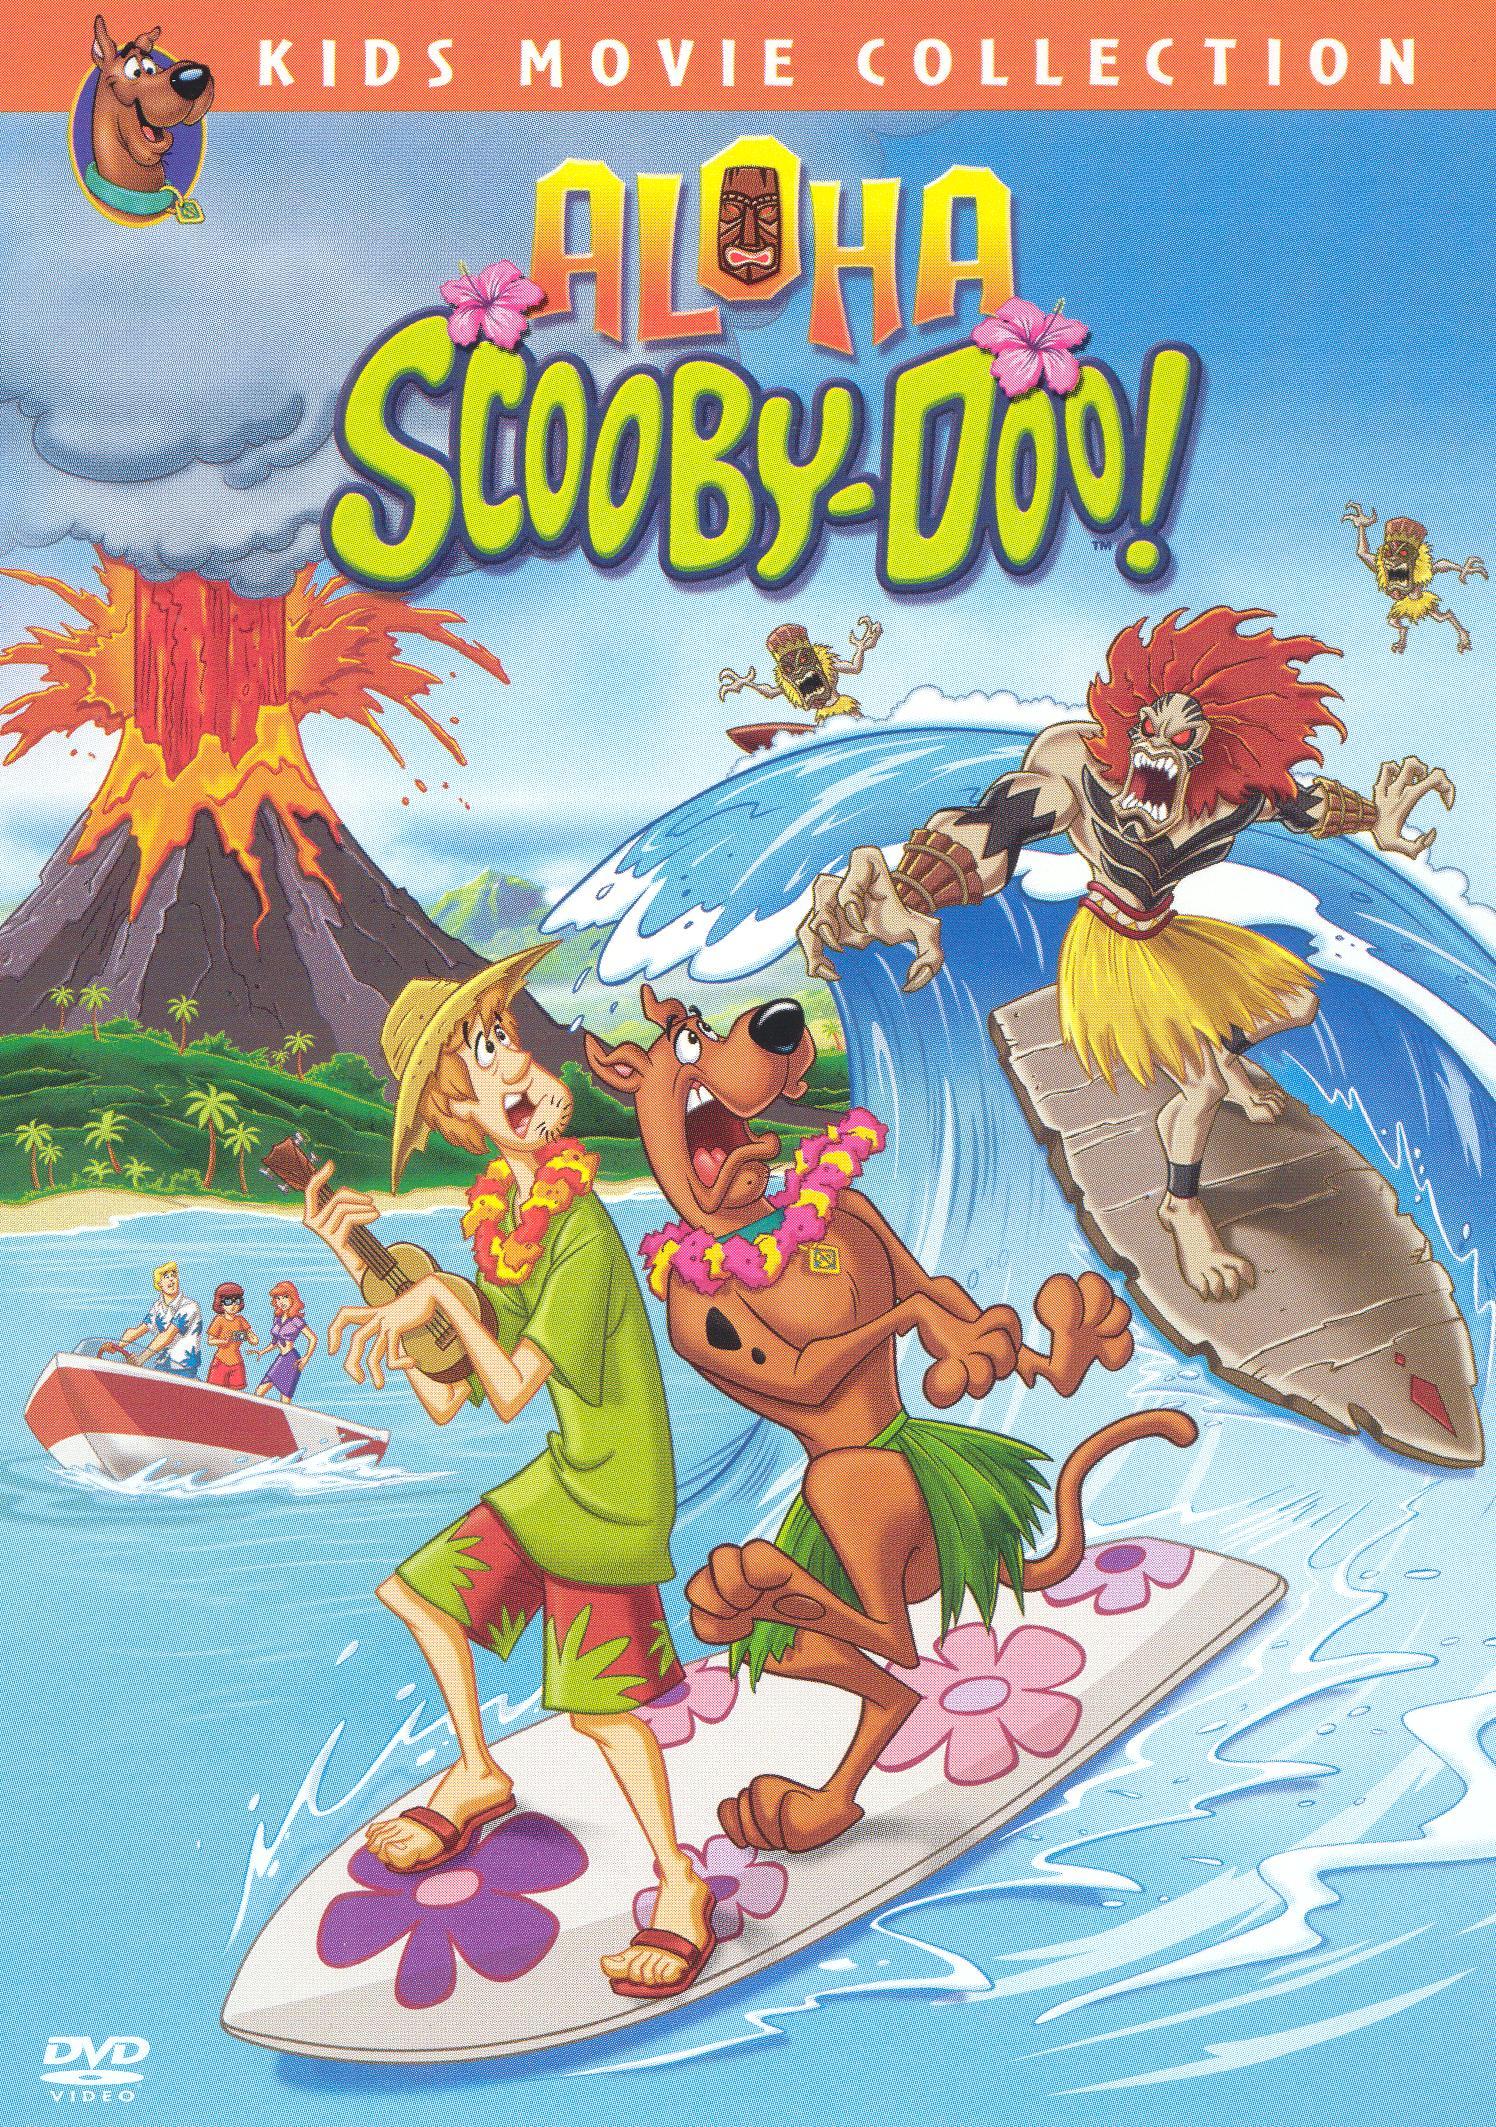 Scooby-doo!: Aloha Scooby-doo! (dvd) 6974376